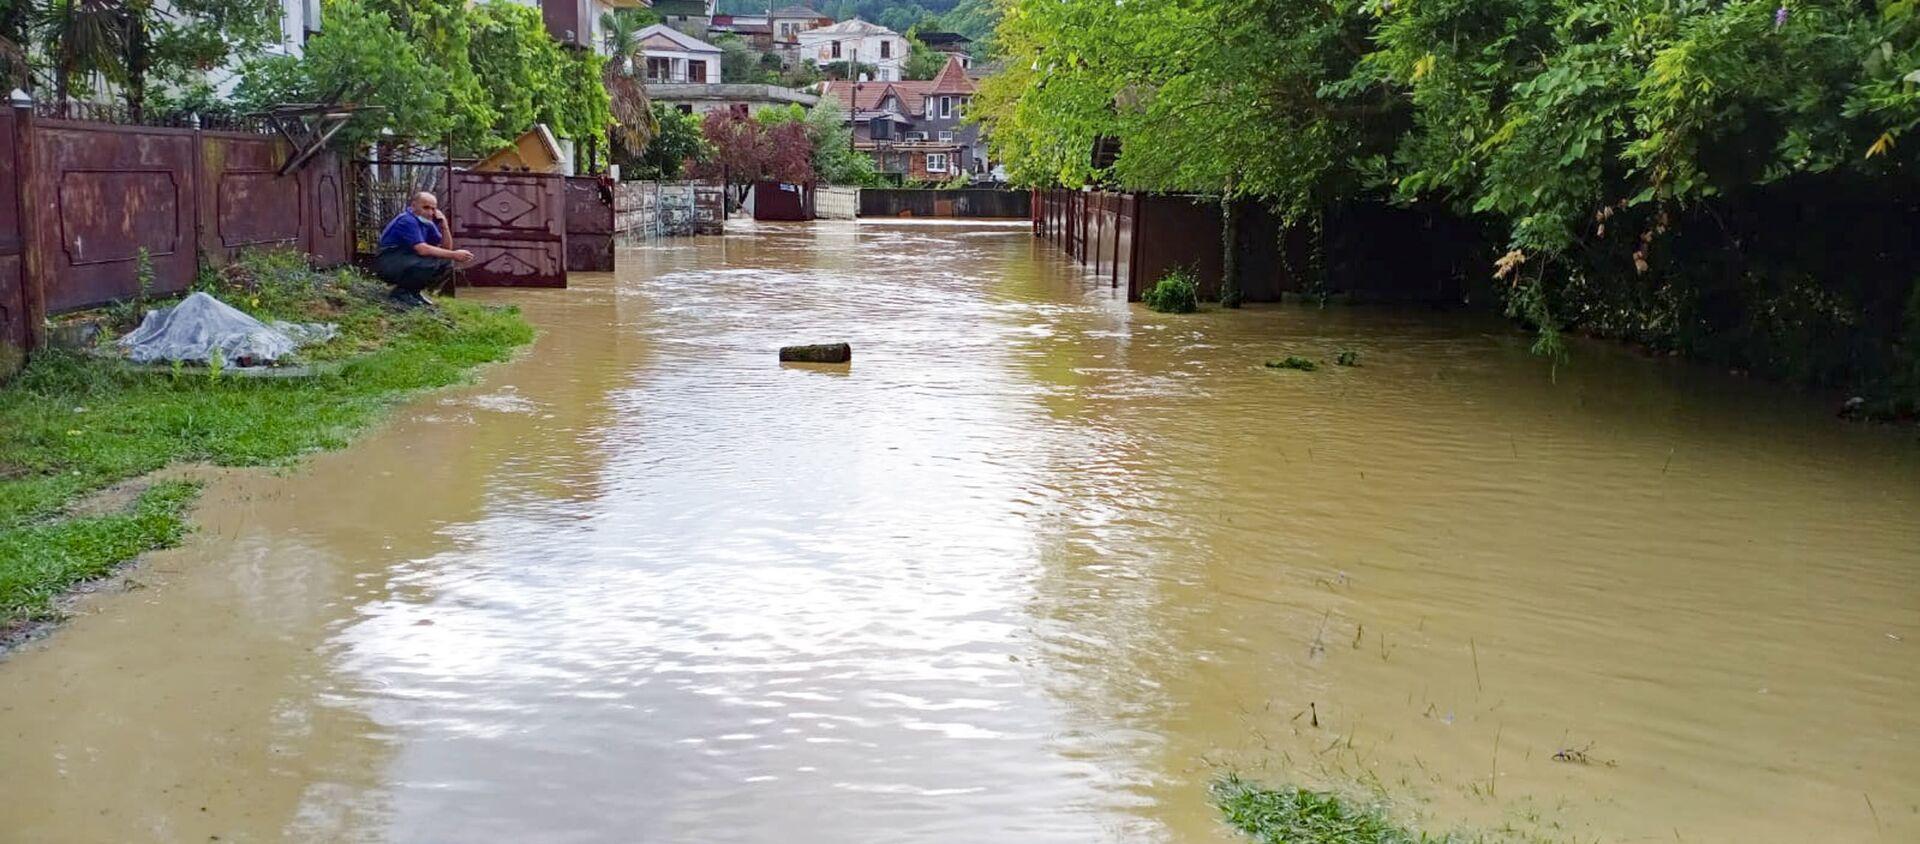 В результате обильных дождей реки вышли из берегов  - Sputnik Абхазия, 1920, 28.07.2021